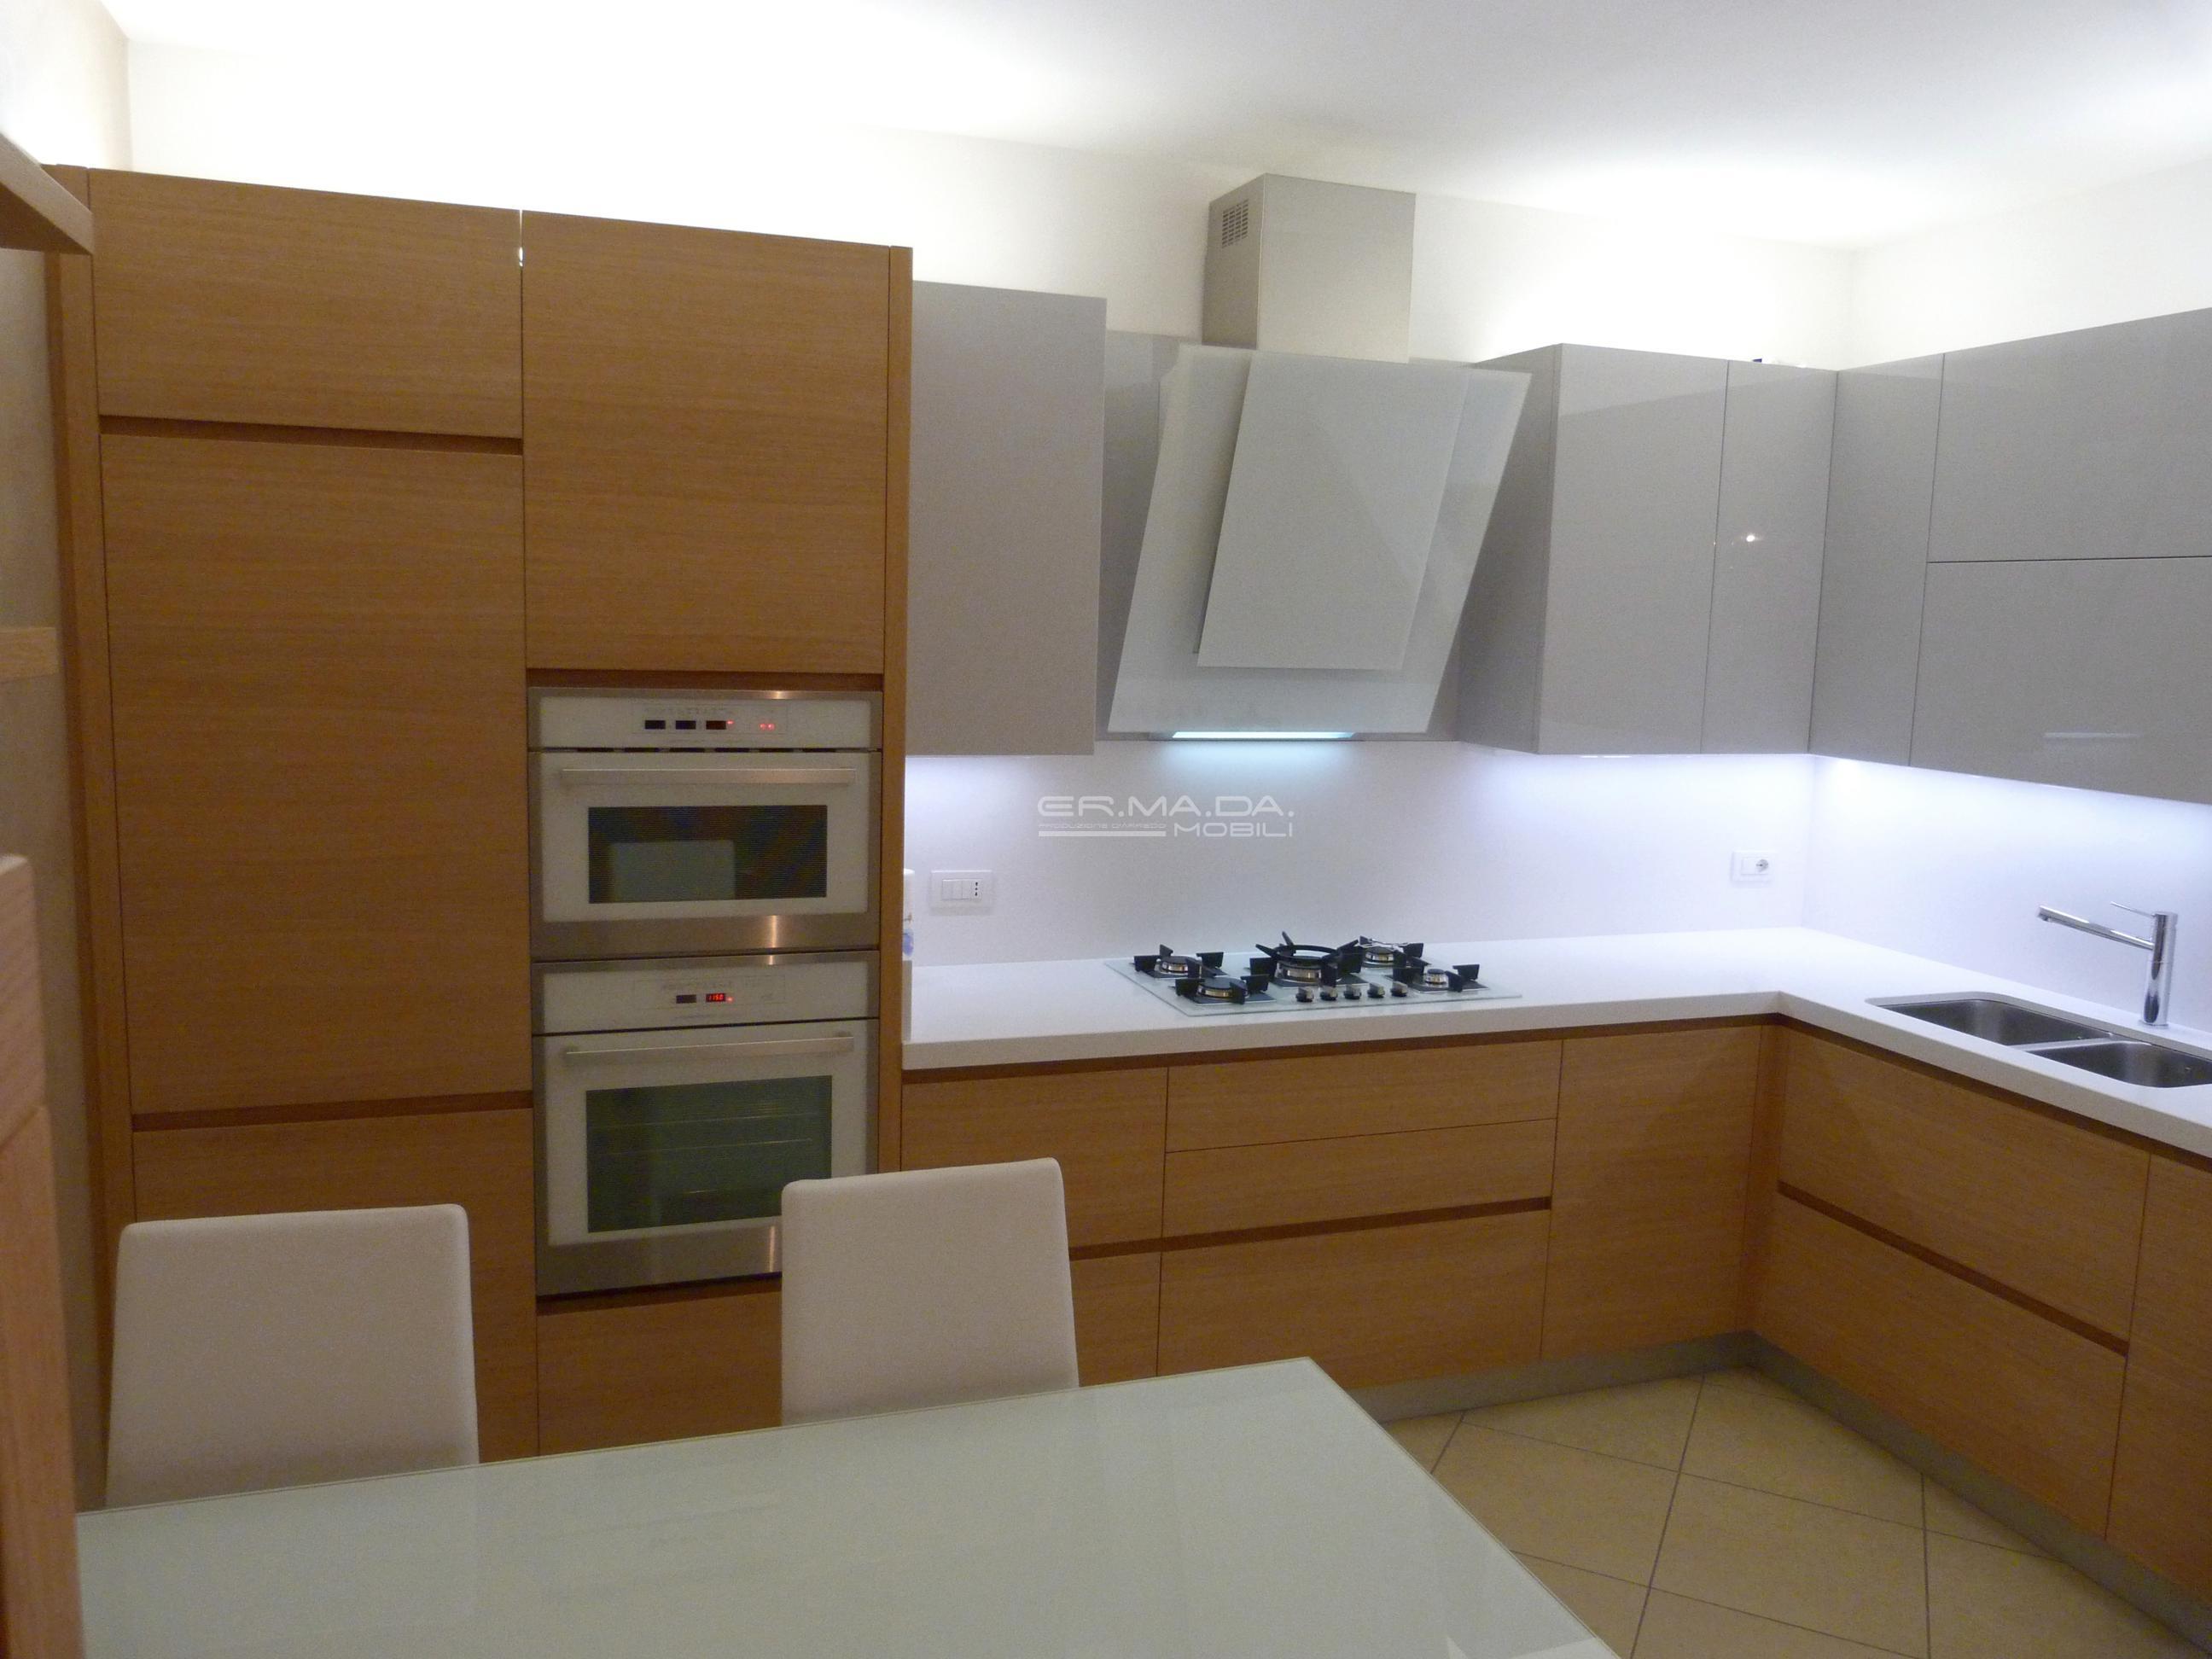 1 cucina moderna rovere e grigio lucido er ma da mobilificio progetta e costruisce i tuoi - Mobili rovere grigio ...